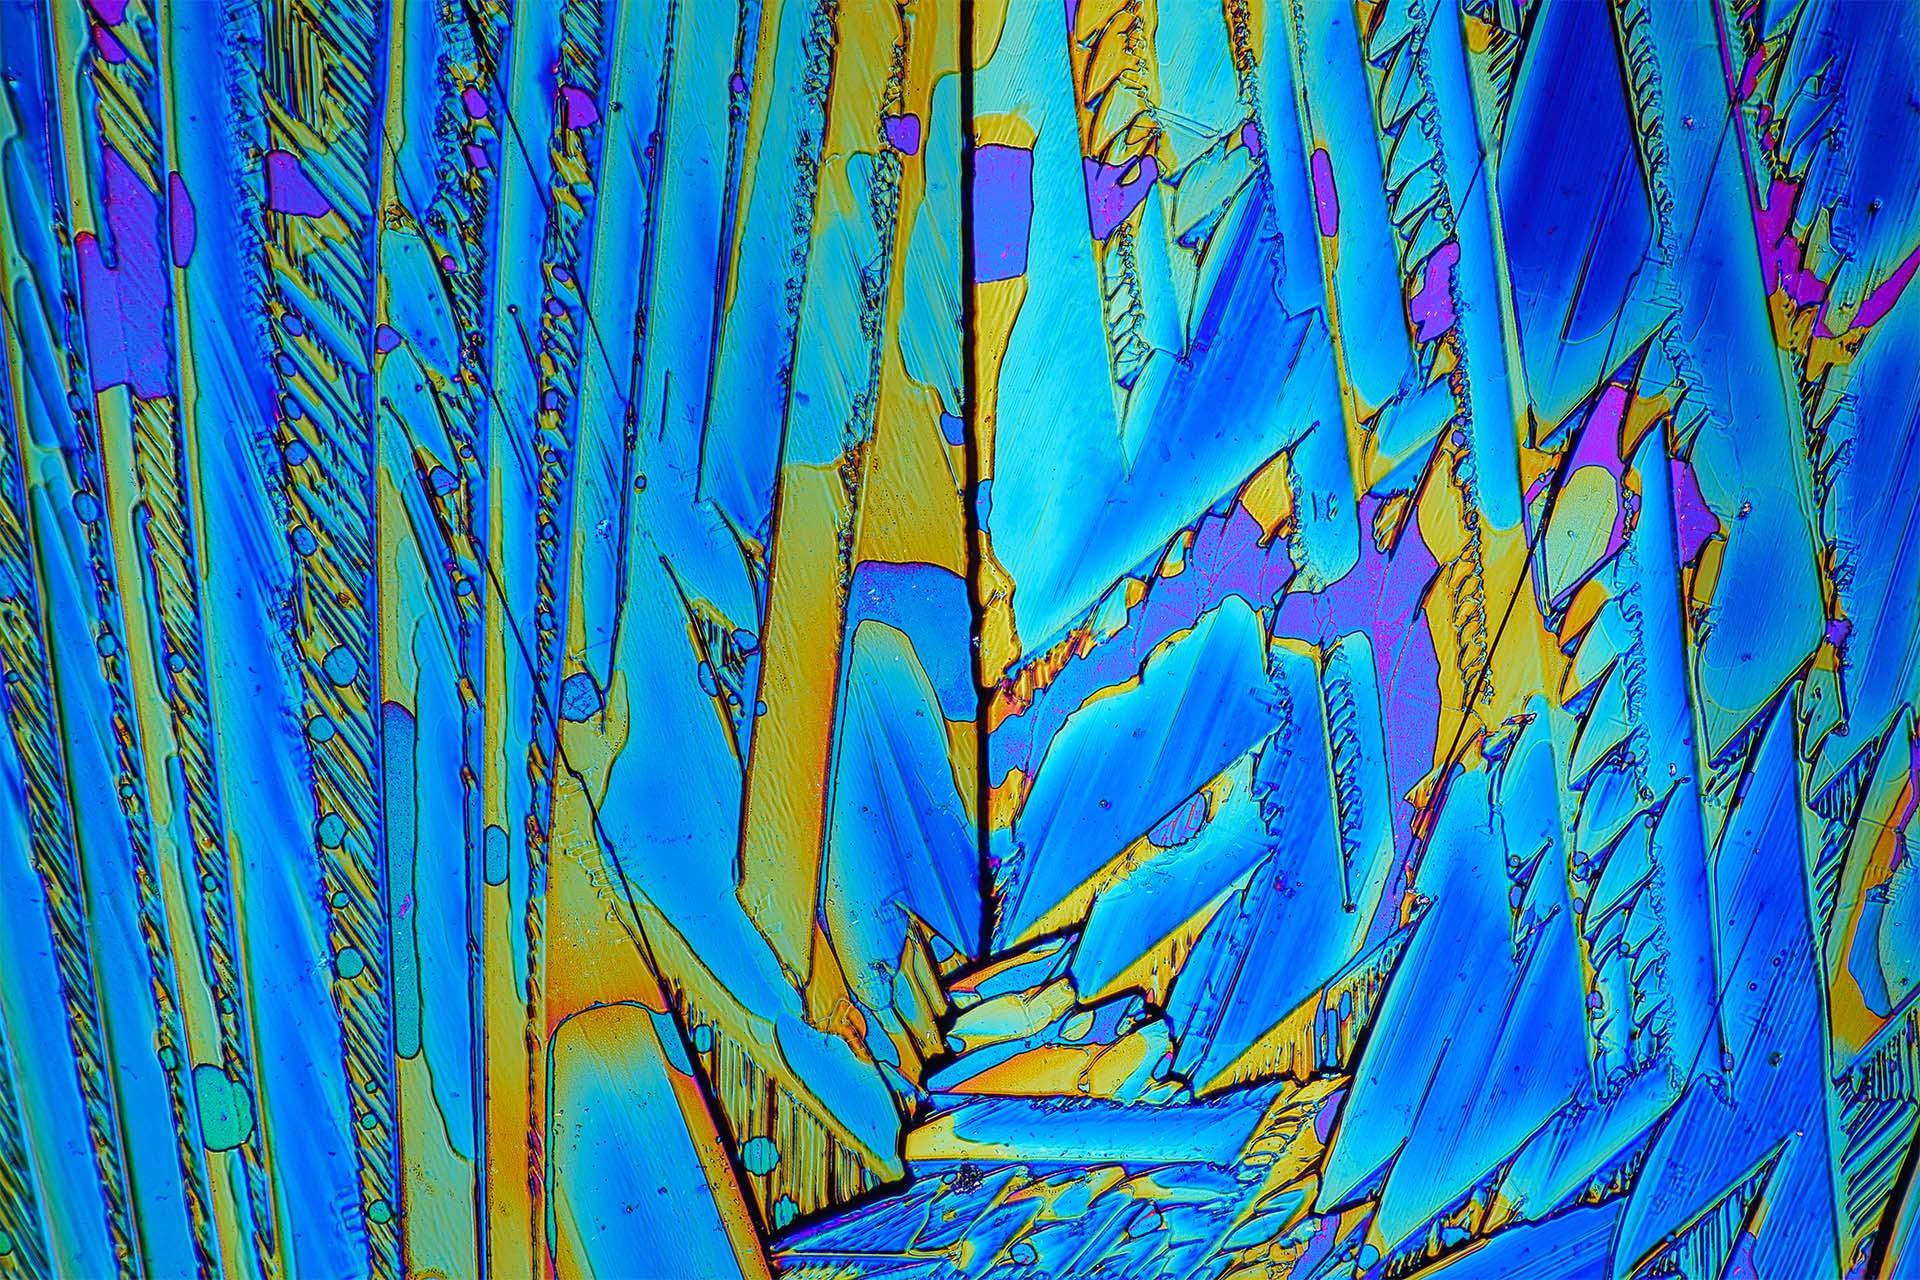 Urea/Harnstoff in einer Vergrößerung von 120:1, Mikro Kristall im polarisierten Licht.